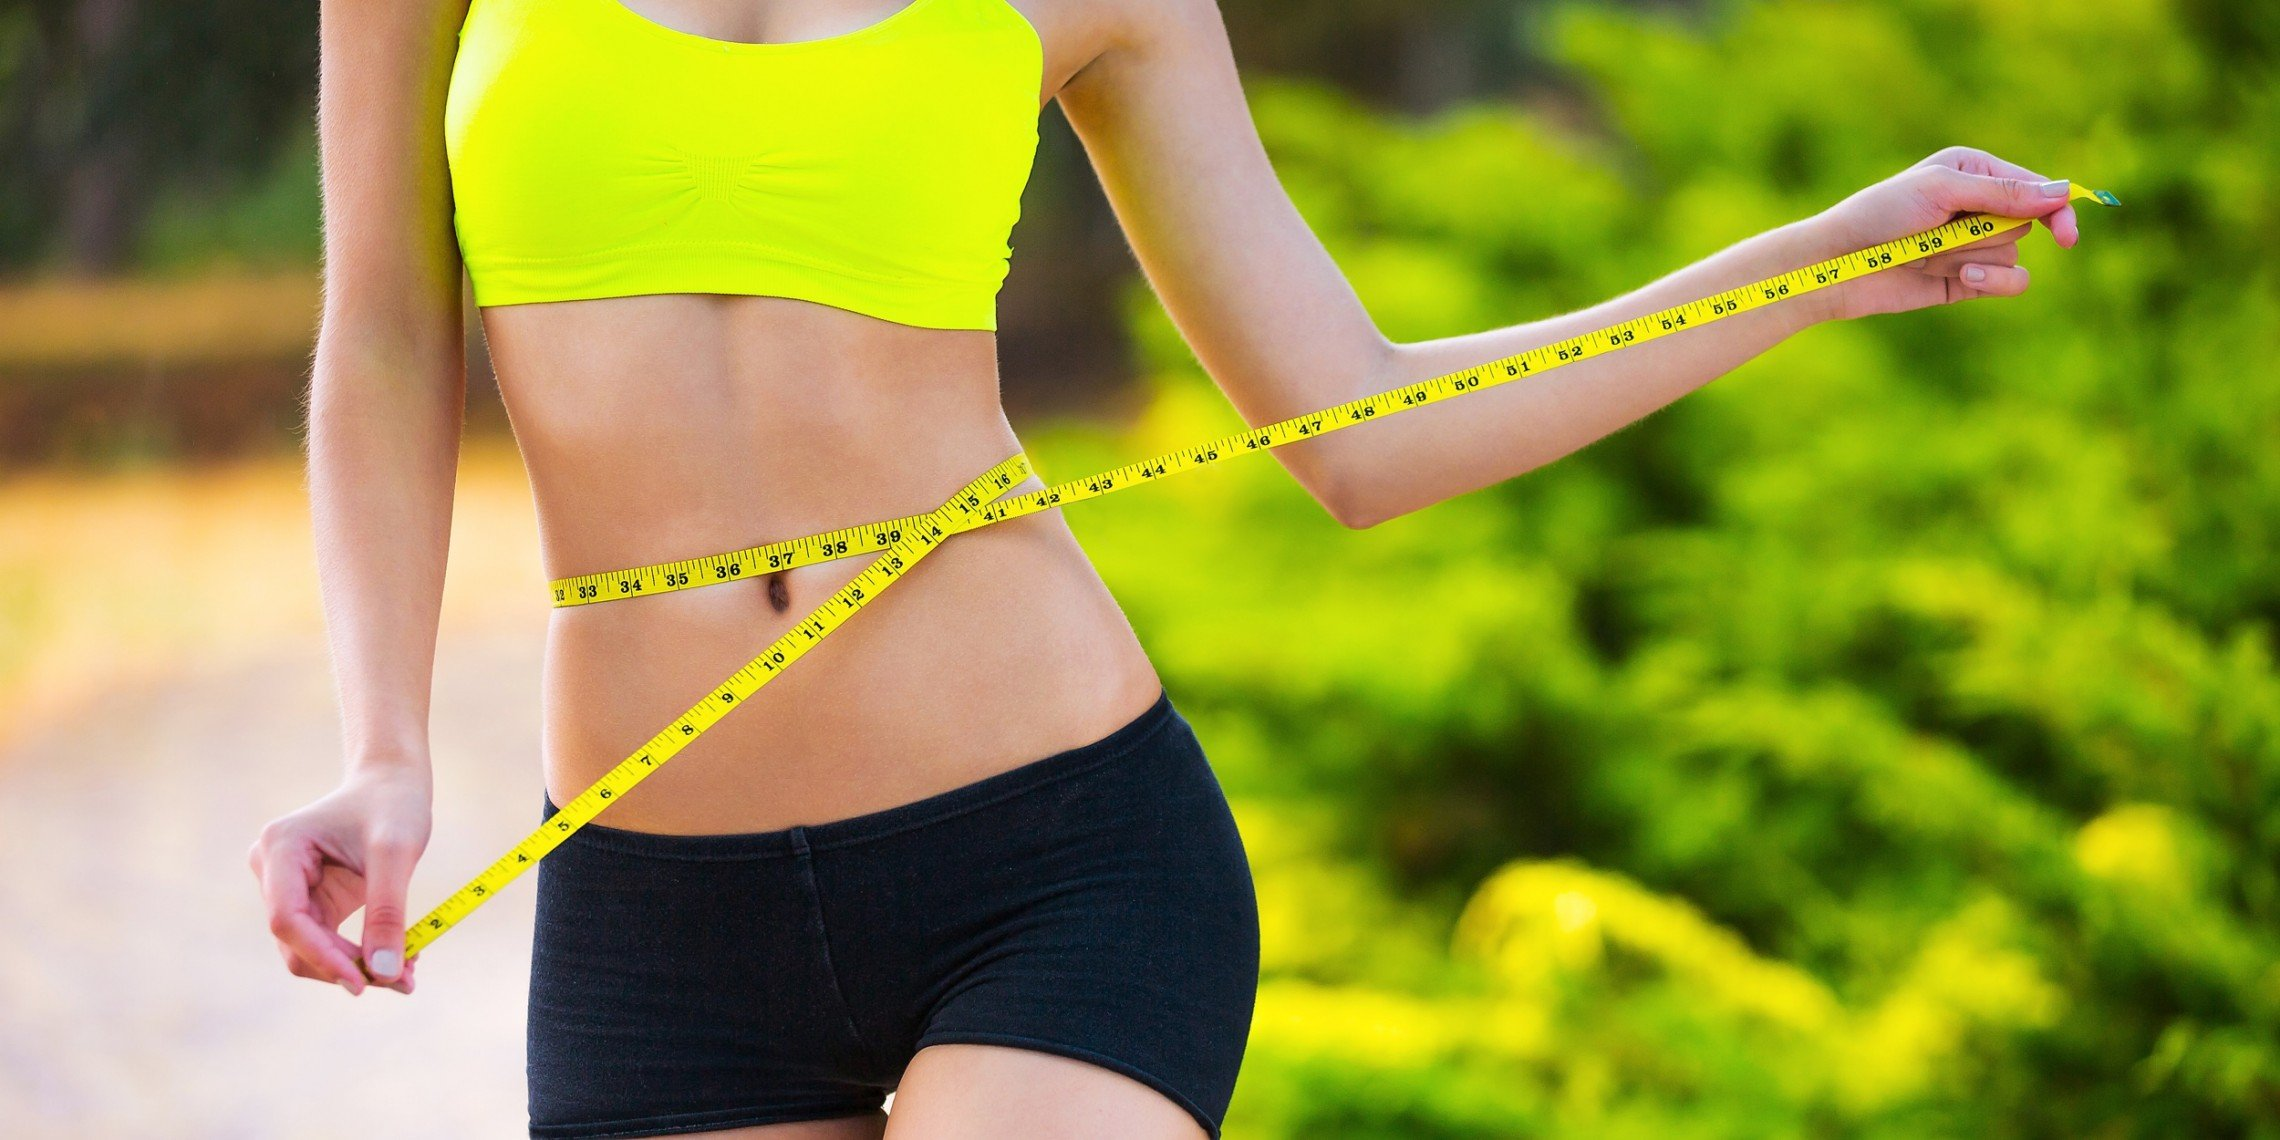 Дешевый Способ Похудеть. Как похудеть в домашних условиях